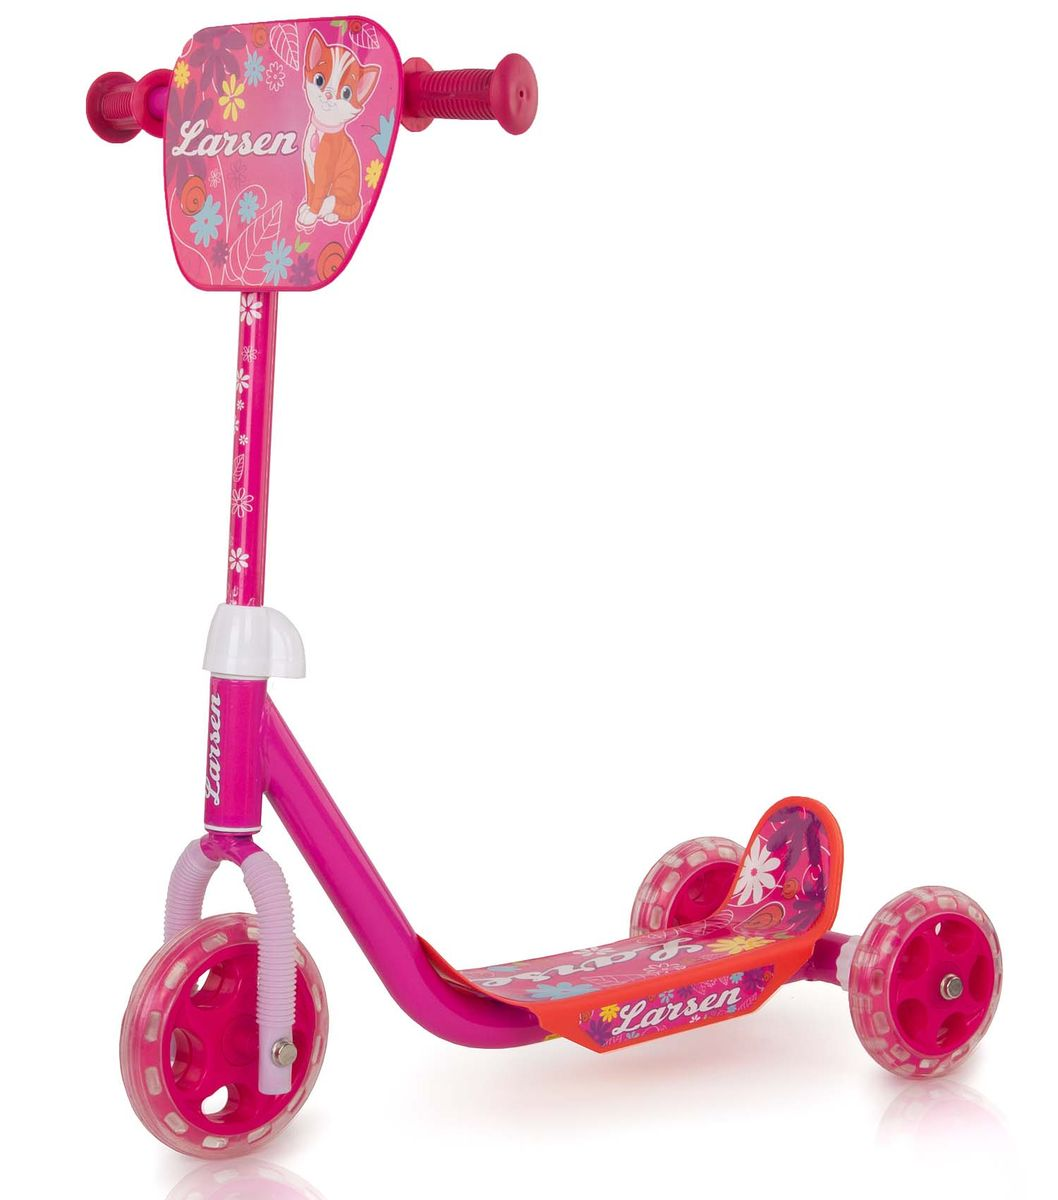 Самокат Larsen Girl, цвет: розовый. GS-002A-RB245716Самокат Larsen Girl - модель оснащена трехколесным шасси, что гарантирует отличную устойчивость при катании. Руль самоката снабжен удобными рукоятками с ограничителями, не позволяющим ладошкам соскользнуть и потерять управление.